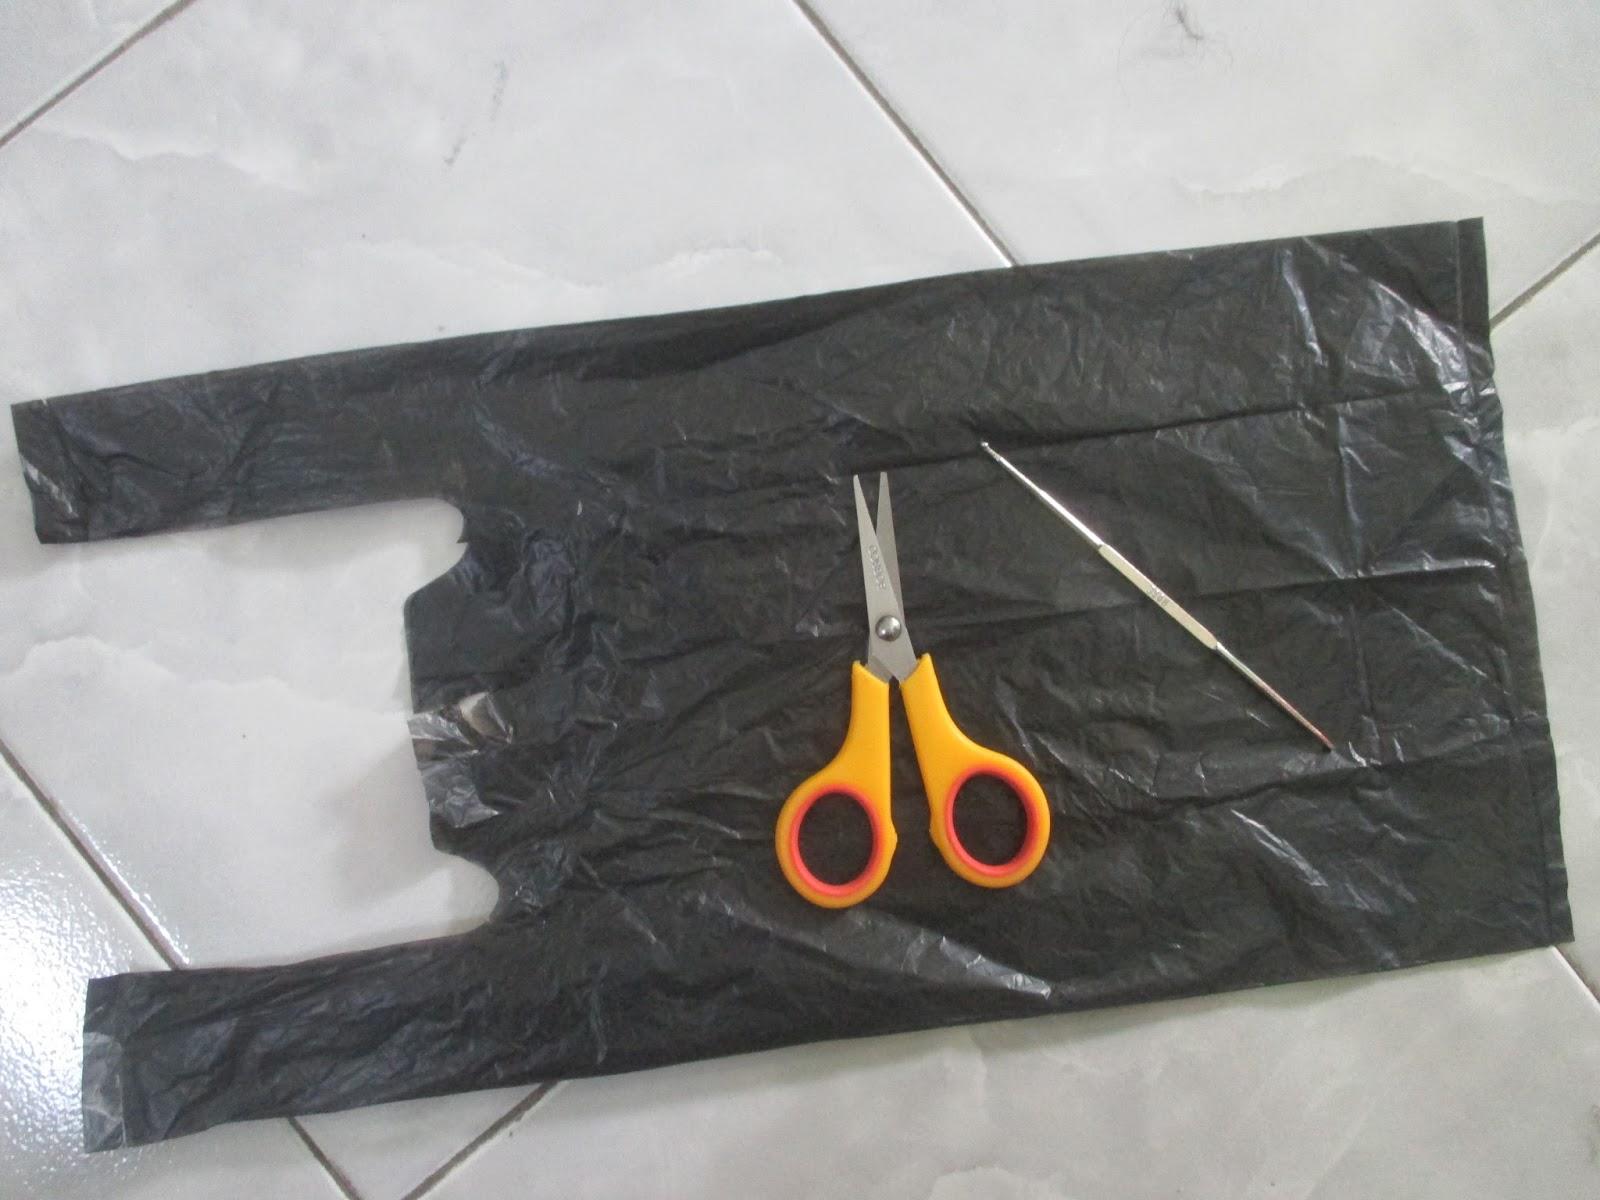 gunting dan tas plastik